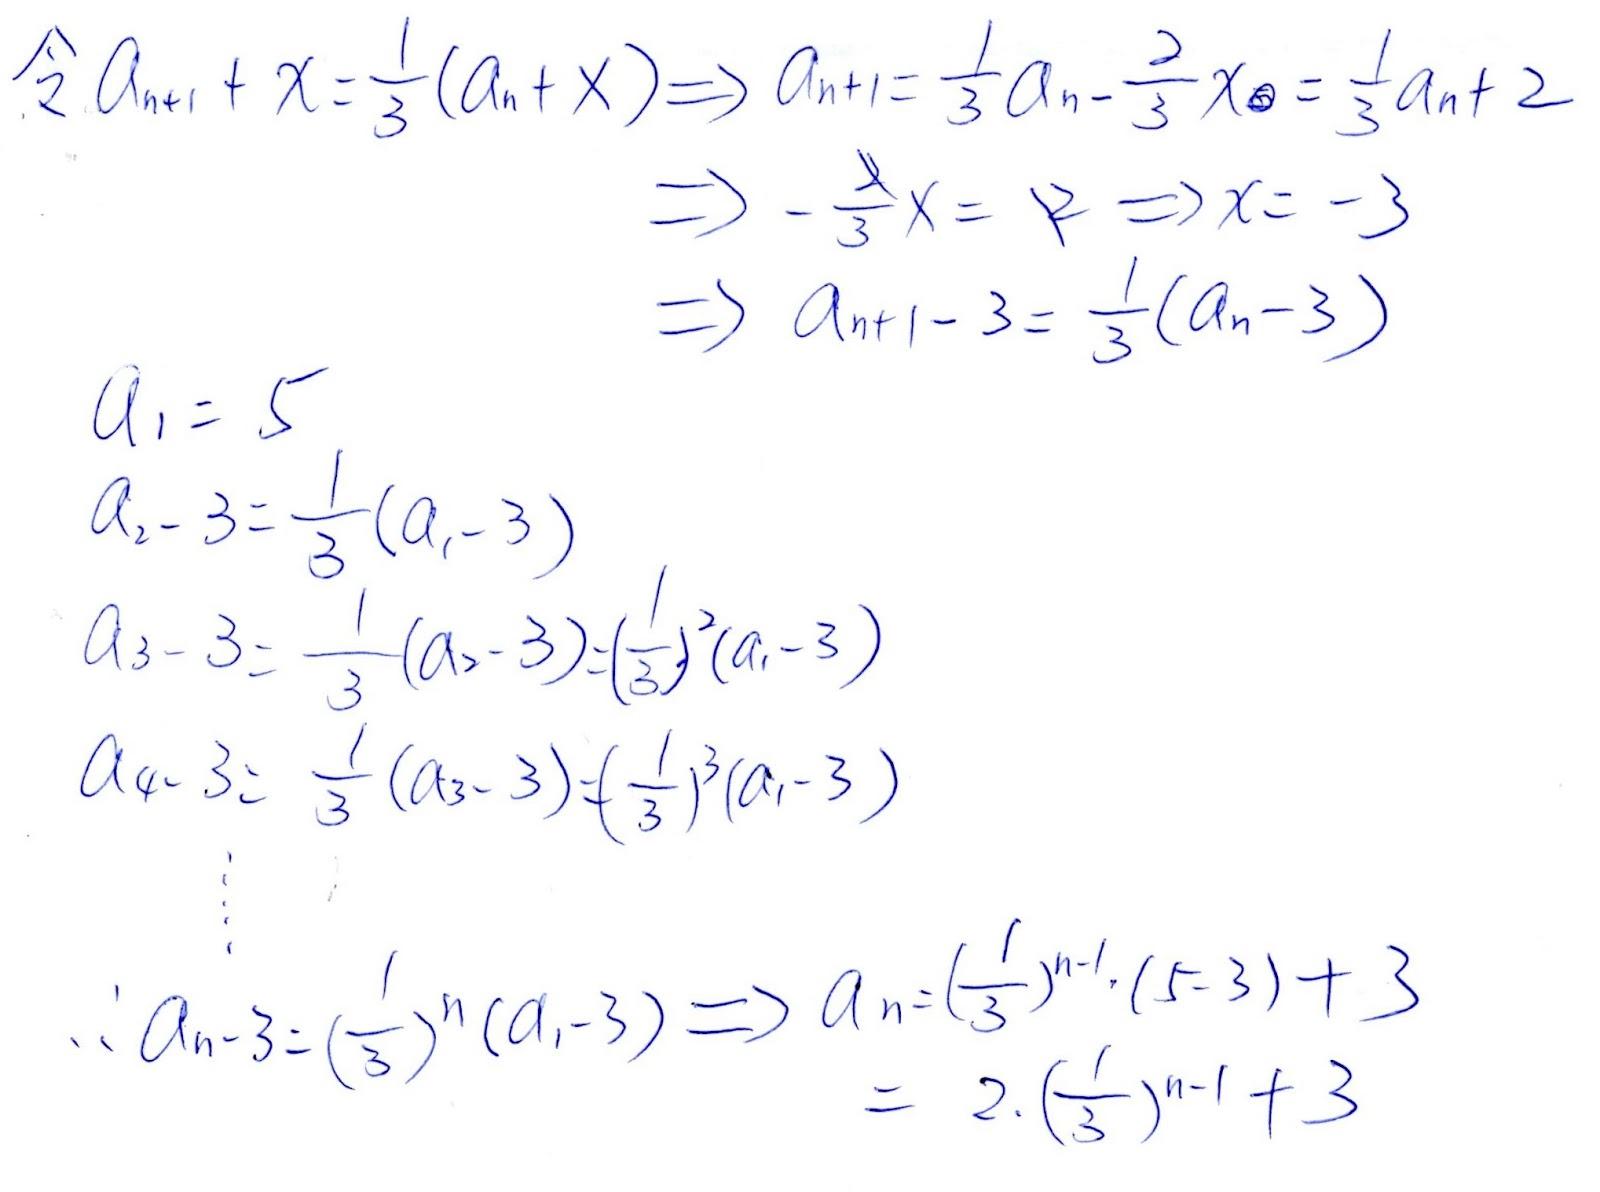 隨筆誌: 一1-1數列與數學歸納法(特殊遞迴式求一般項問題)